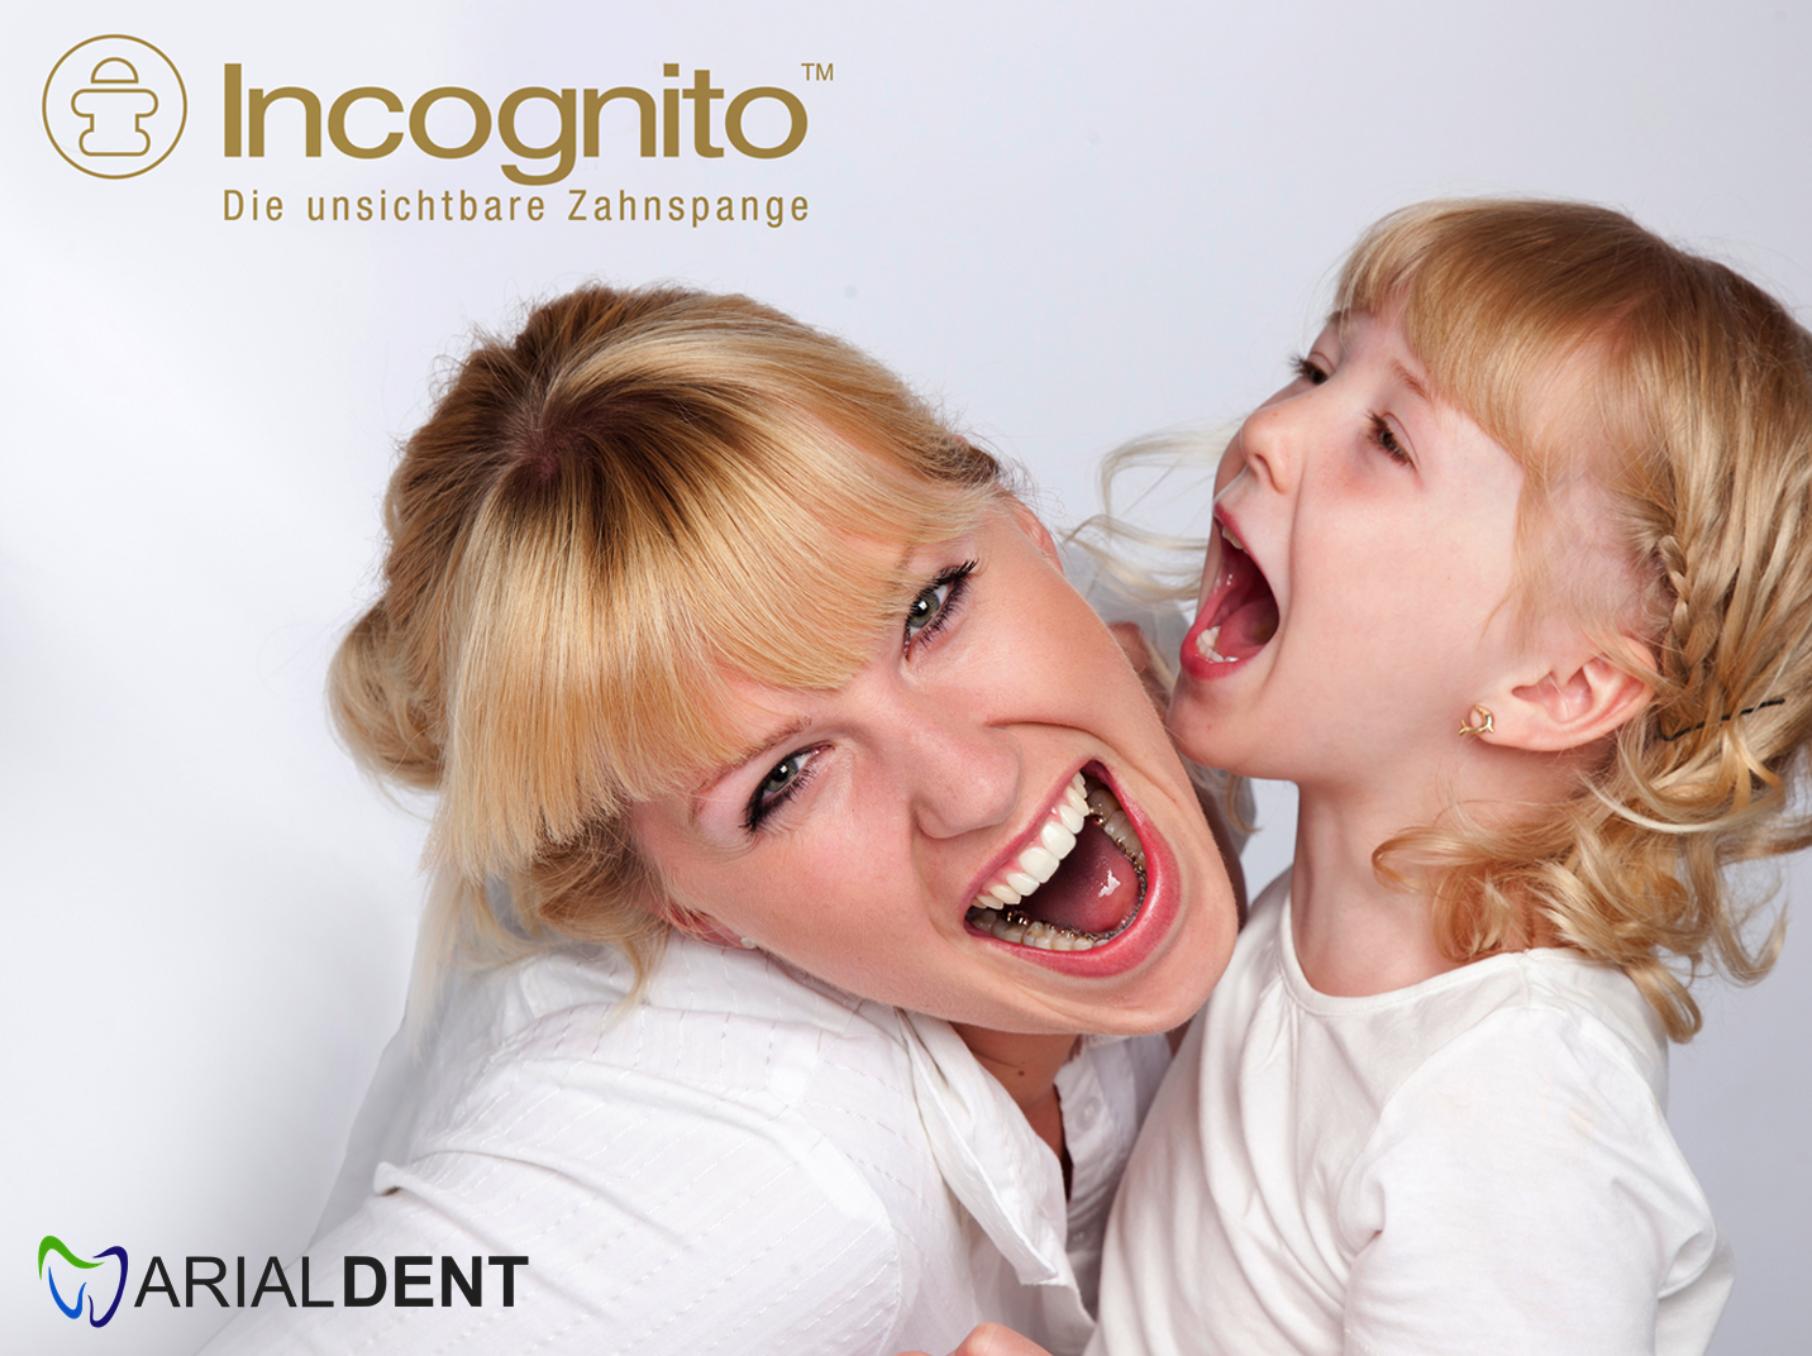 Aparate dentare Incognito